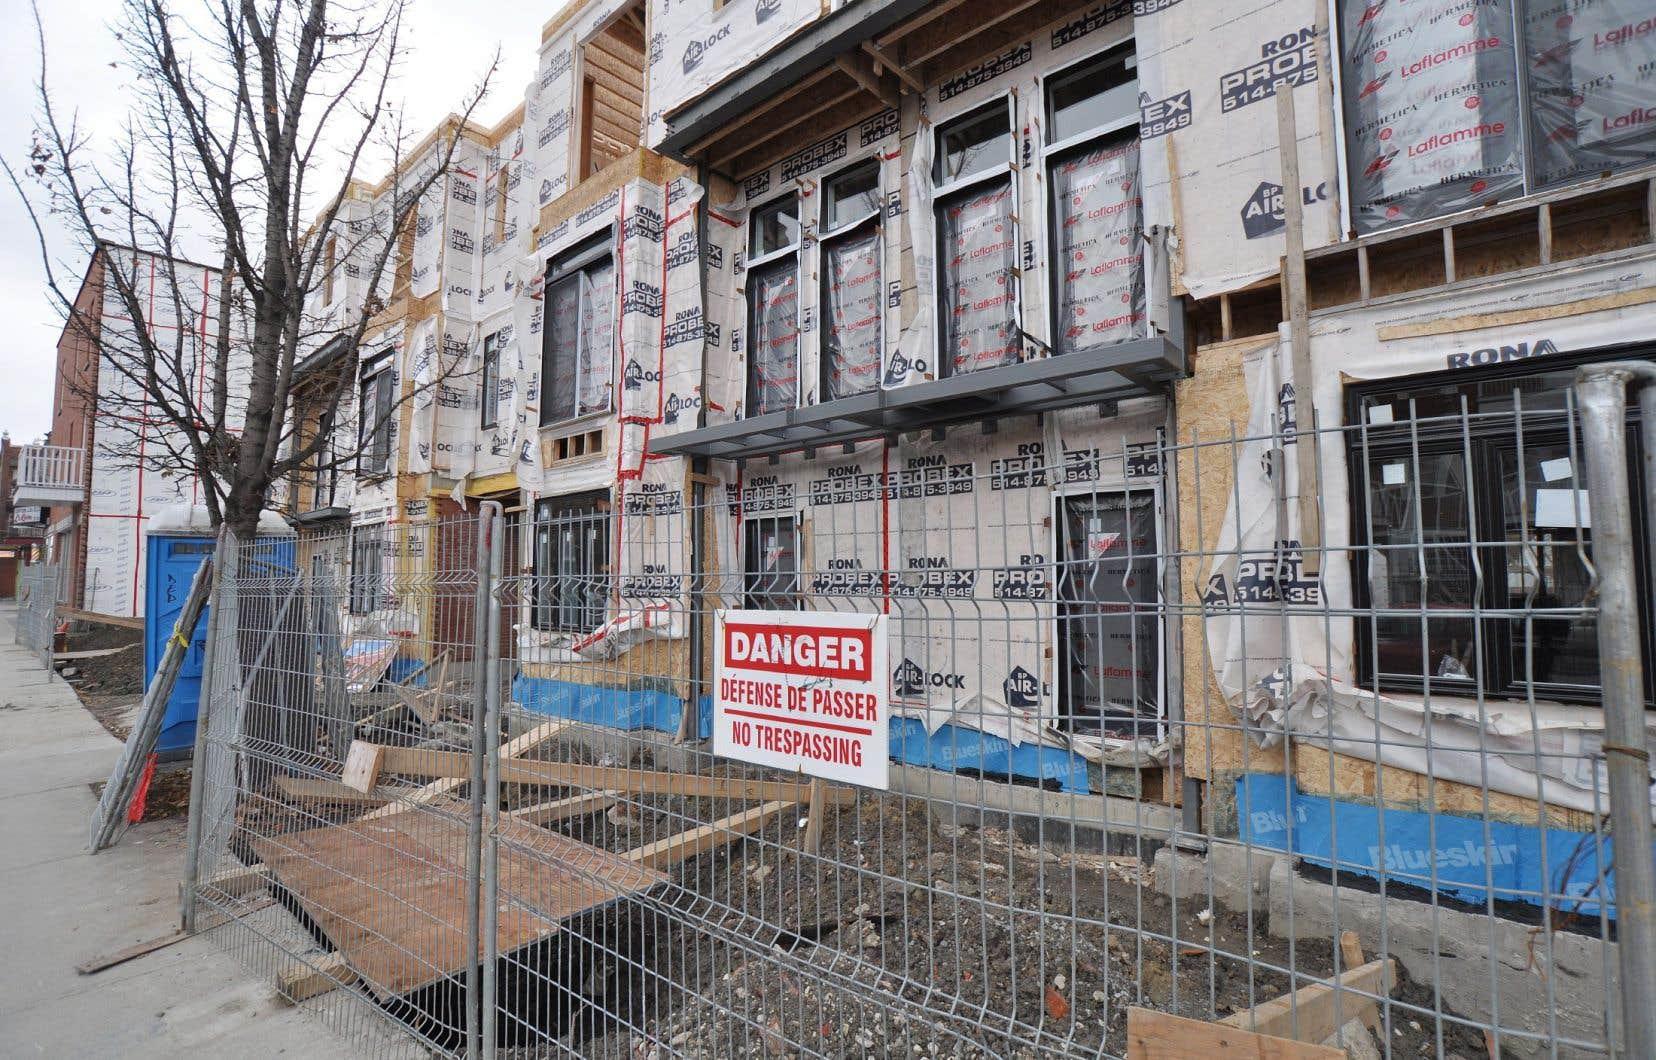 L'OCPM avait mené des consultations l'automne dernier sur le projet de règlement de la Ville visant à encadrer de façon plus serrée l'inclusion de logements sociaux et abordables dans les nouveaux projets immobiliers.